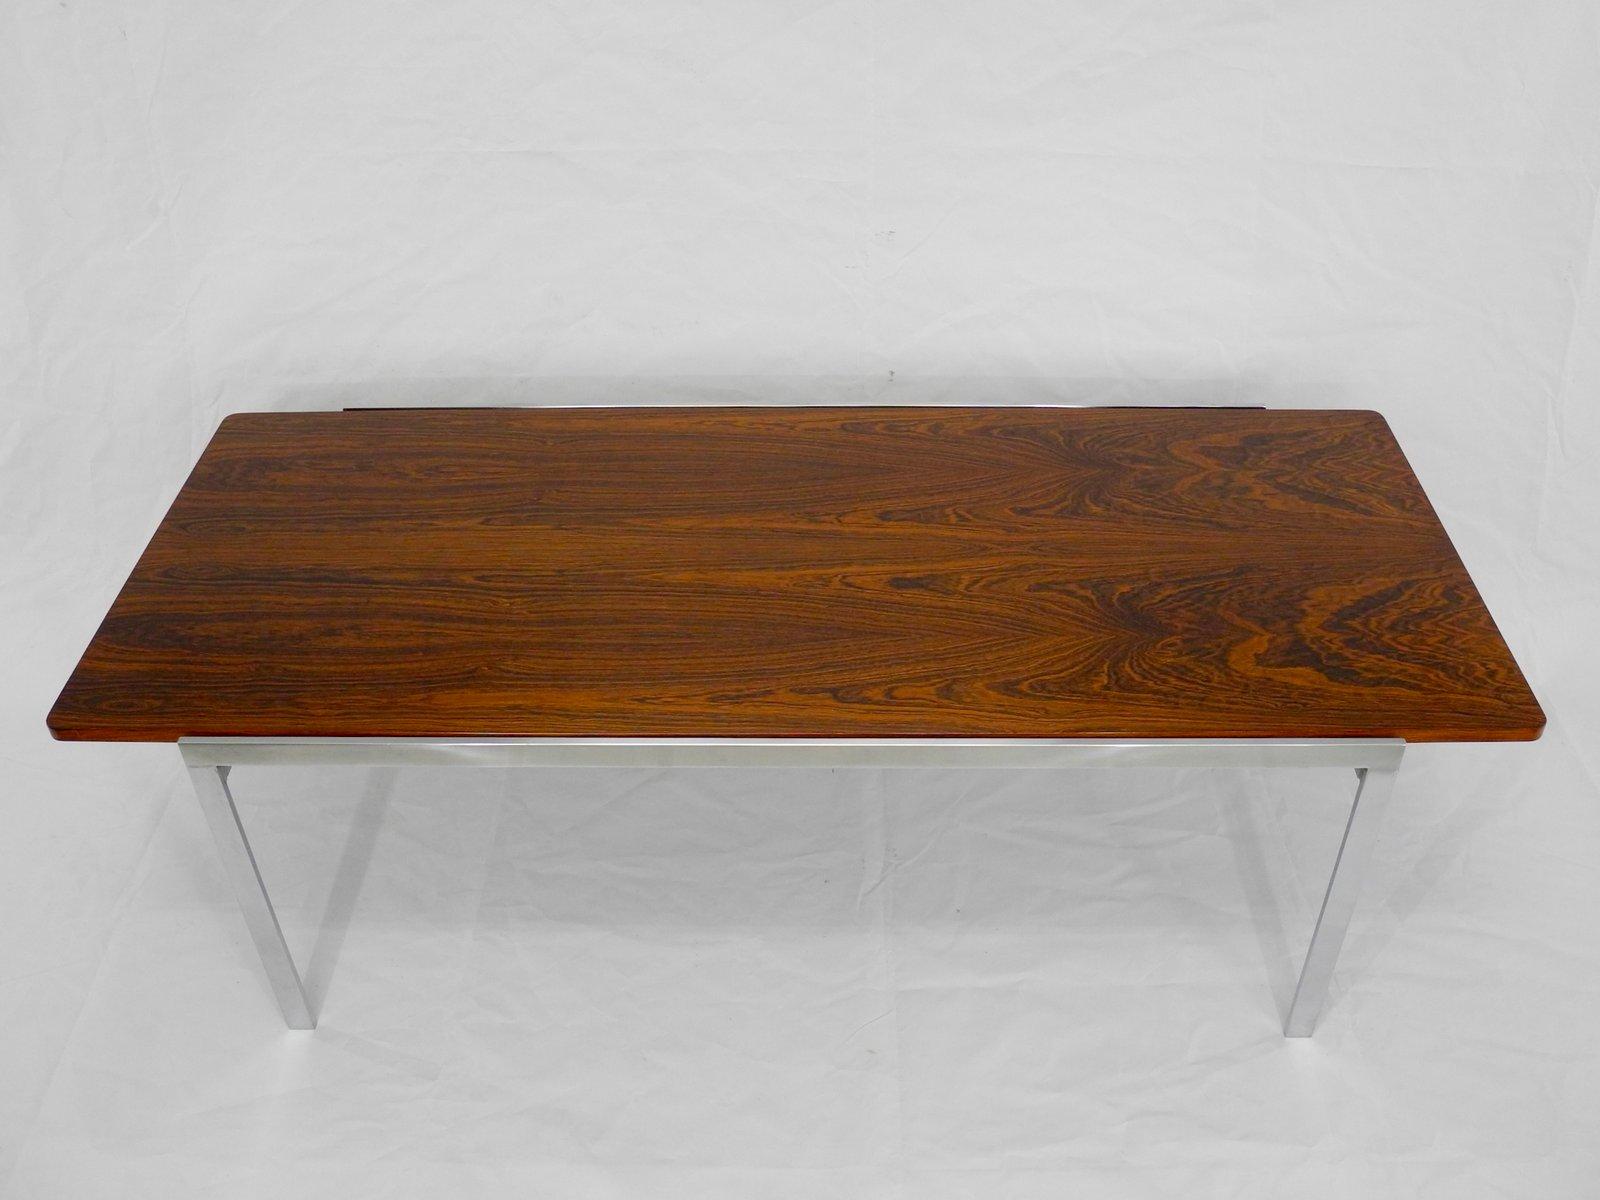 3501 couchtisch aus palisander von arne jacobsen f r fritz hansen 1963 bei pamono kaufen. Black Bedroom Furniture Sets. Home Design Ideas